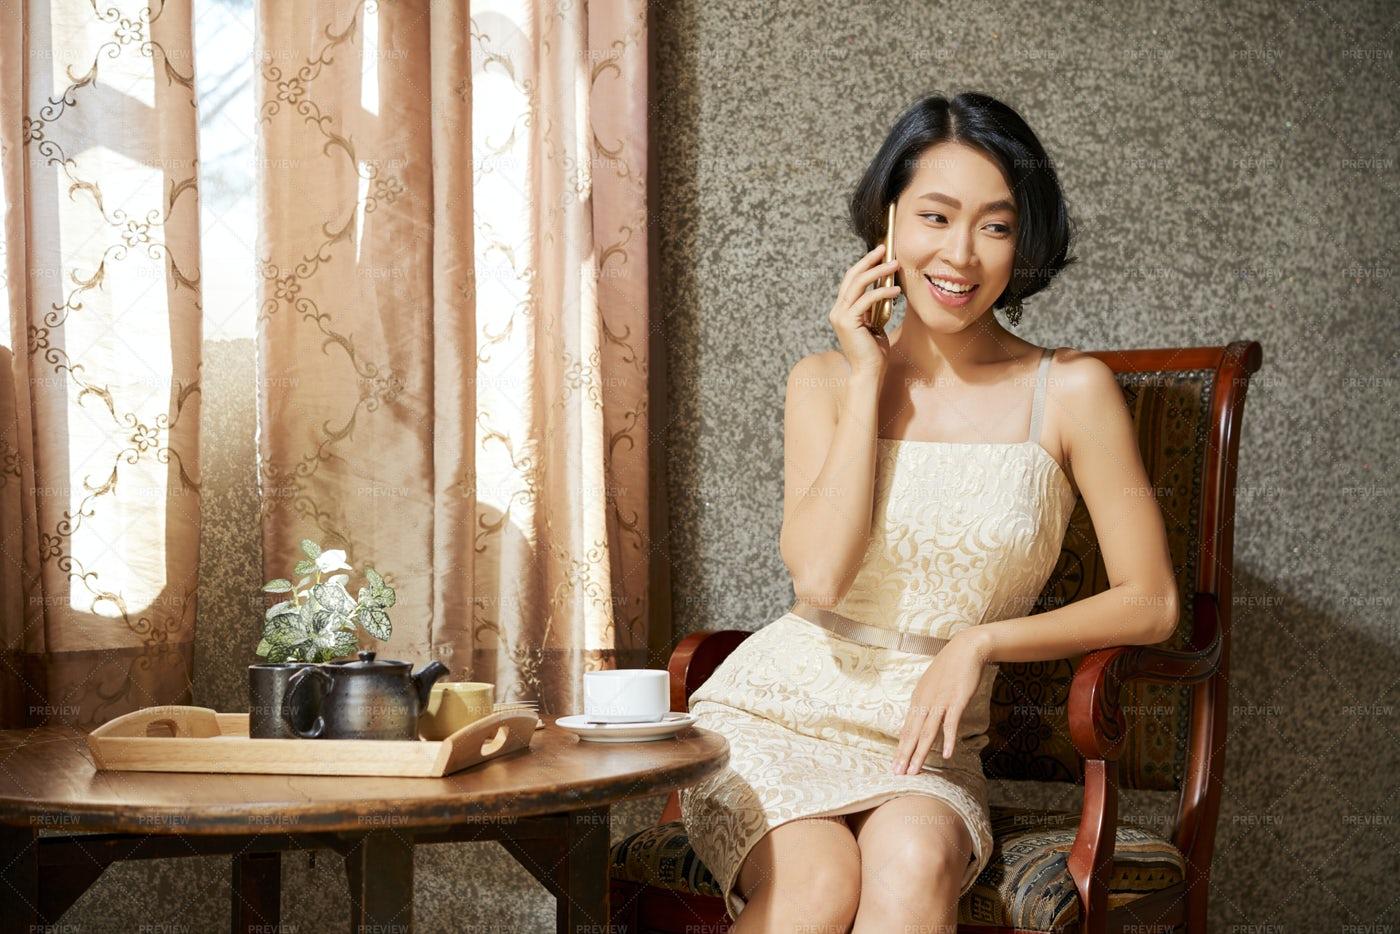 Gorgeous Woman Talking On Phone: Stock Photos